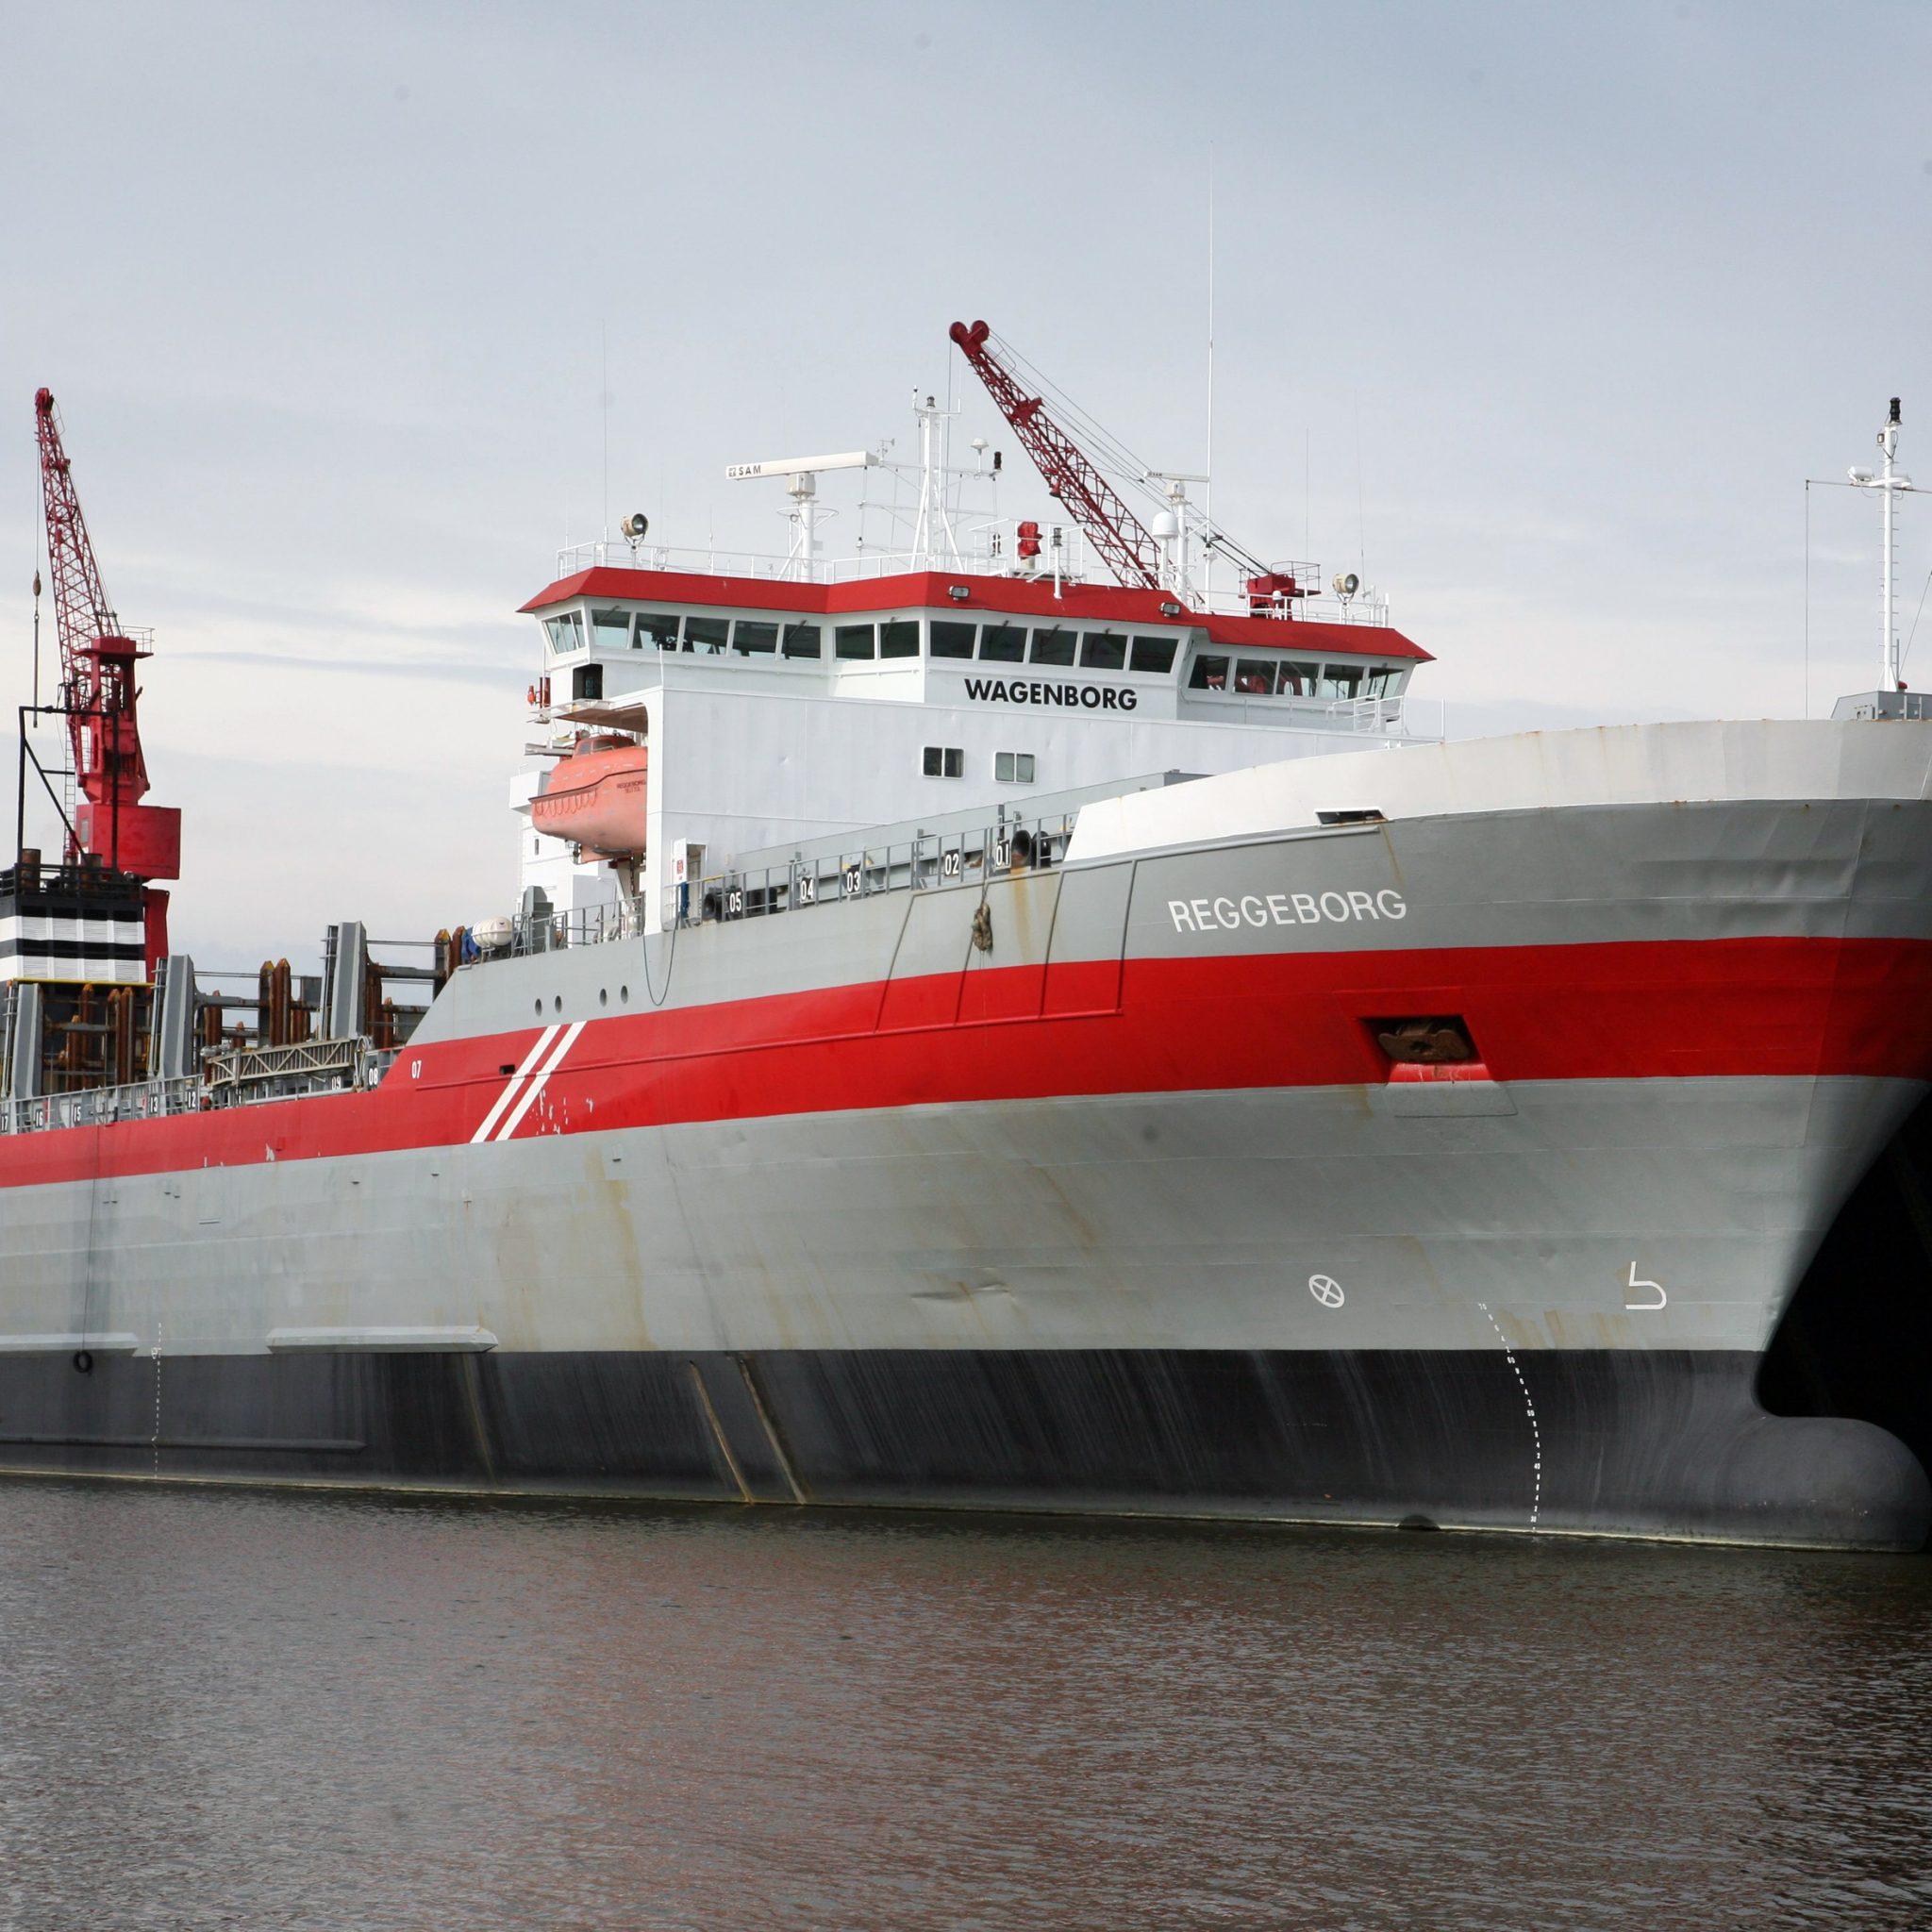 De 558 teu Reggeborg was, evenals het zusterschip Reestborg, een voor die tijd nieuw type 'open top' containerschip, waarbij het laadruim niet was voorzien van luiken maar van doorlopende containerstellingen.(Foto Henk Zuur)